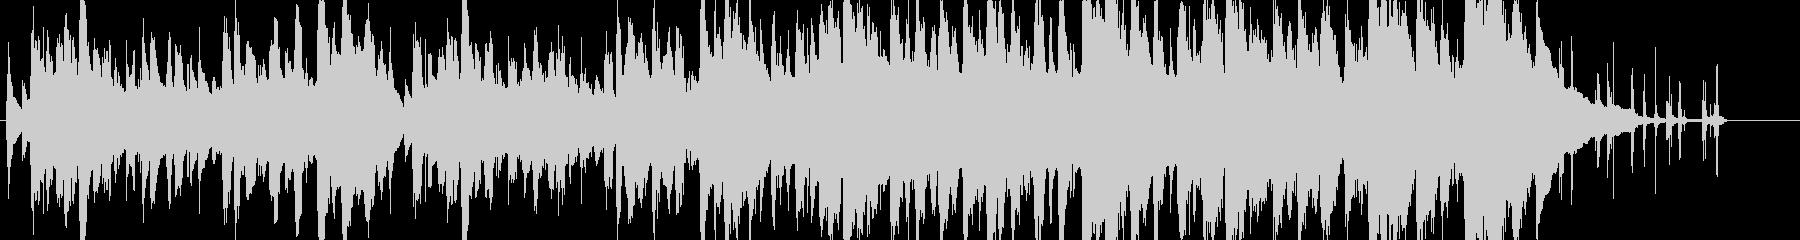 ジングル - のんびり牧歌的の未再生の波形